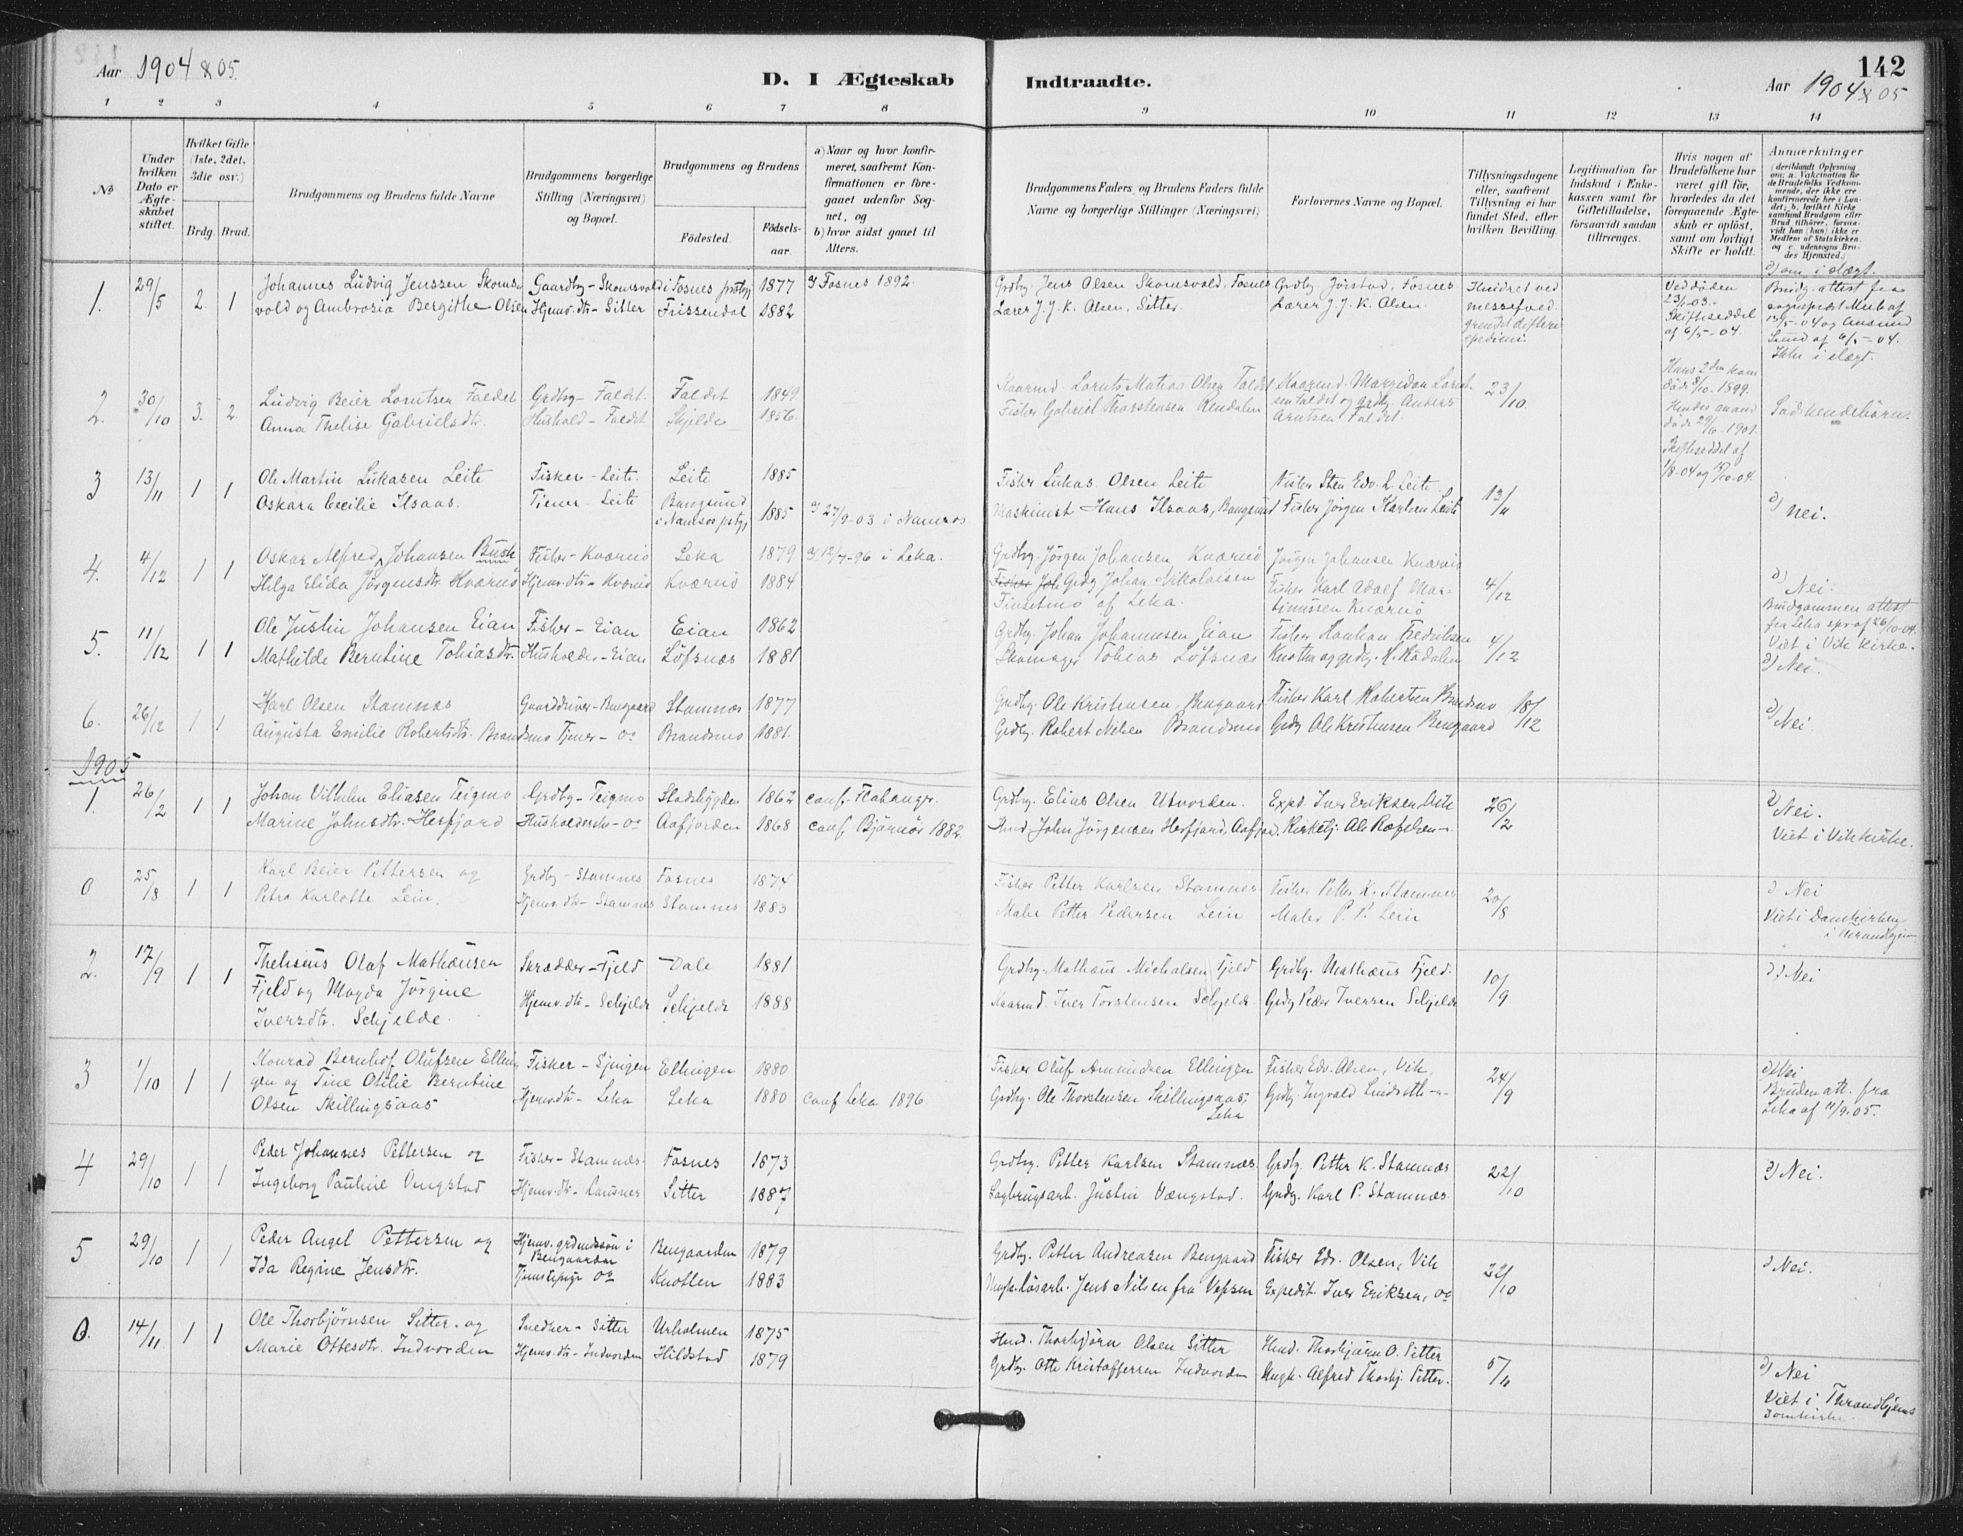 SAT, Ministerialprotokoller, klokkerbøker og fødselsregistre - Nord-Trøndelag, 772/L0603: Ministerialbok nr. 772A01, 1885-1912, s. 142